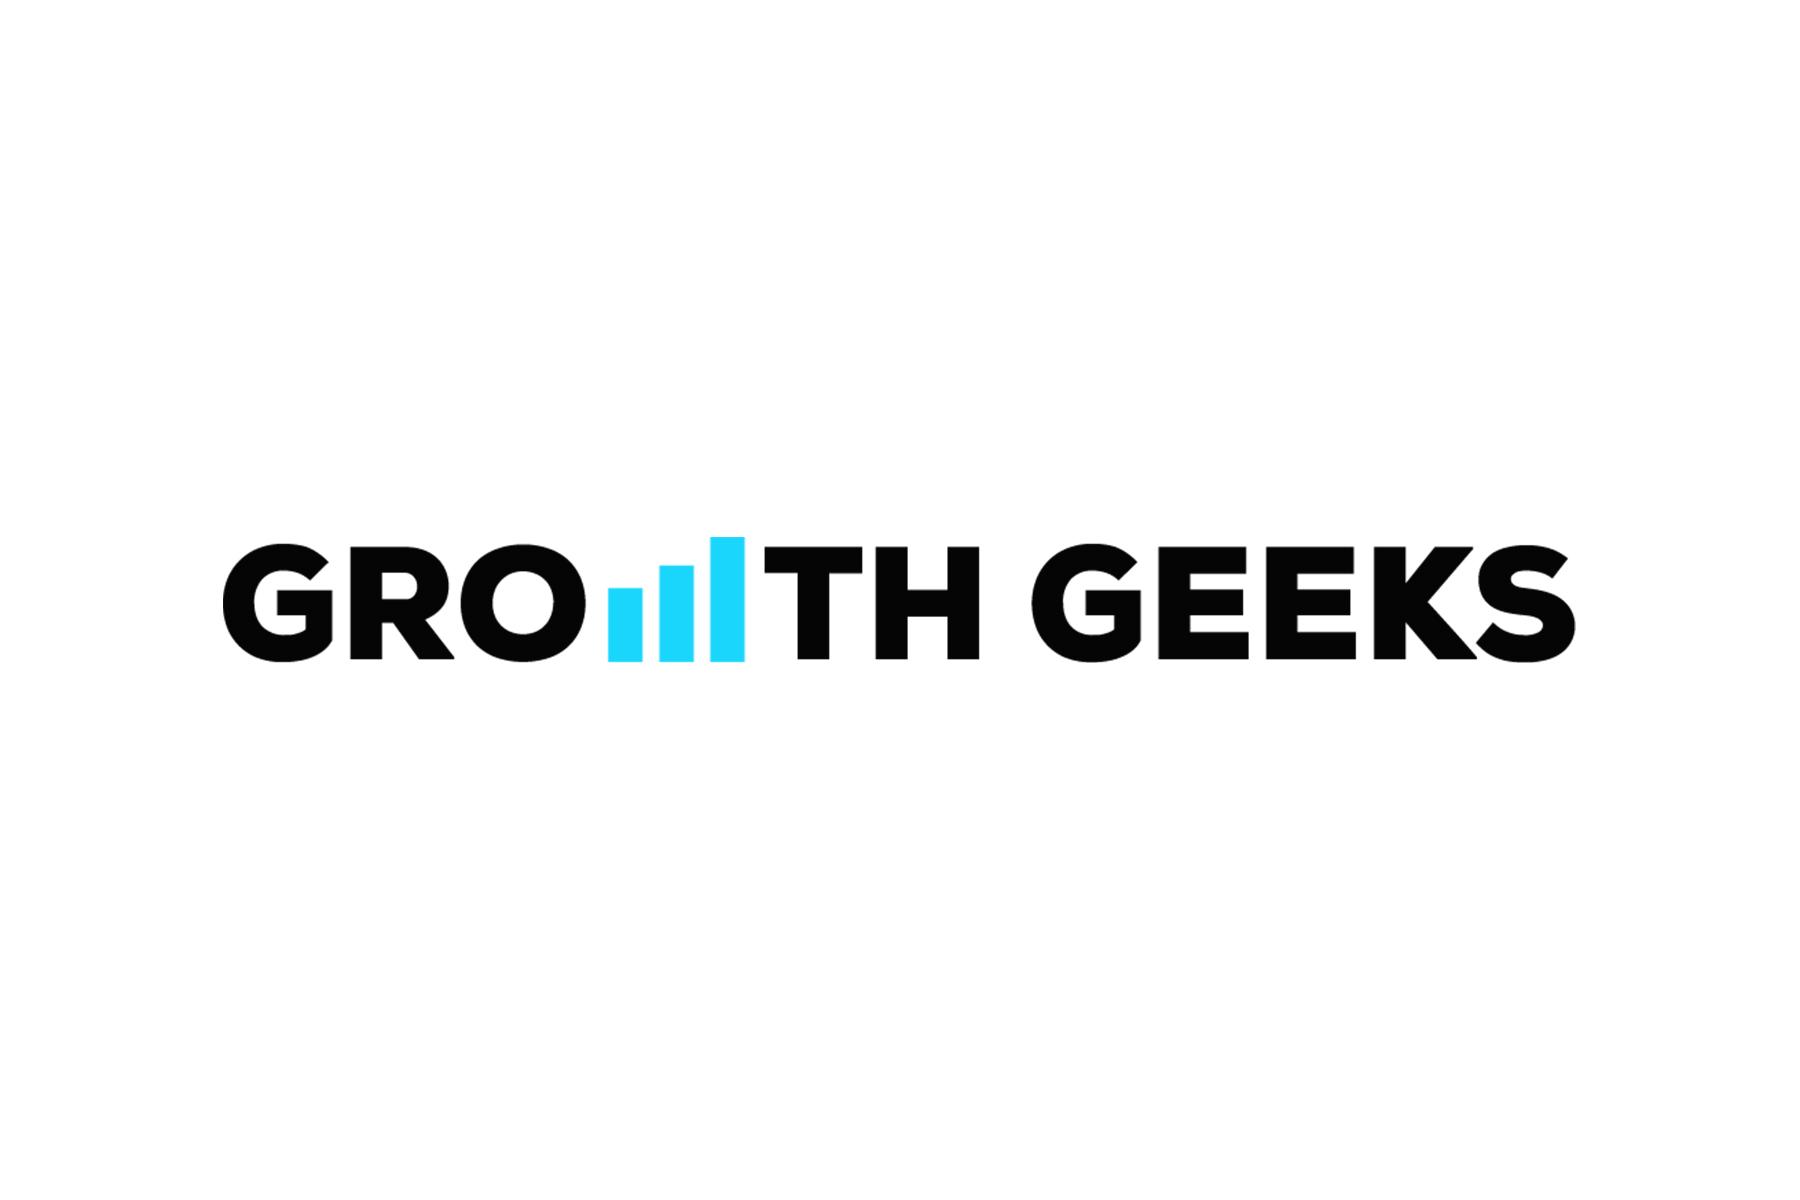 Growth Geeks.jpg